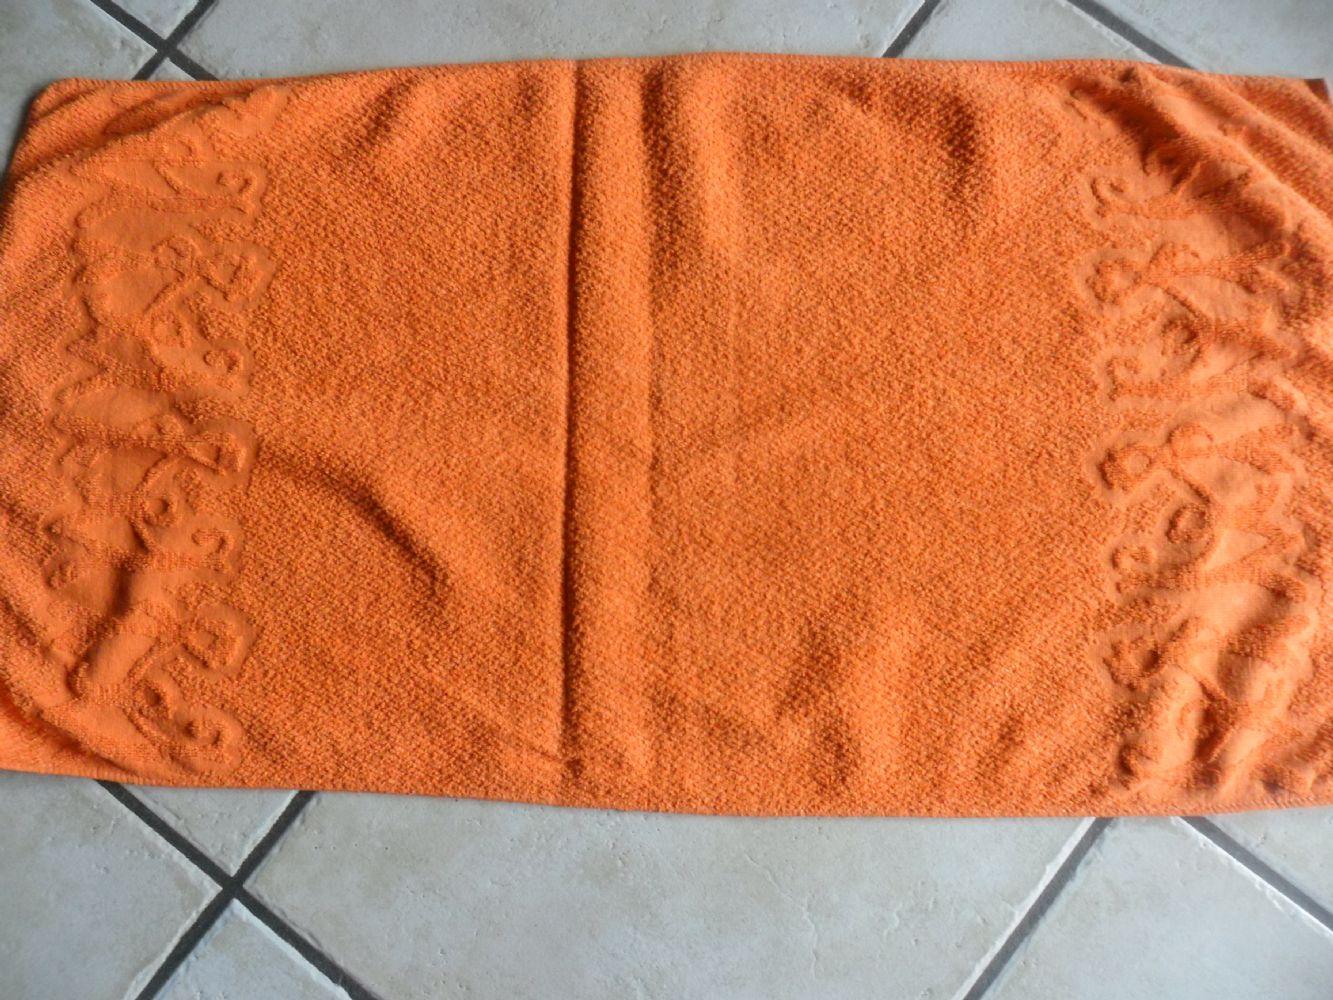 baratto/scambio: asciugamano arancione [ arredamento/bagno] a ... - Arredo Bagno Vergiate